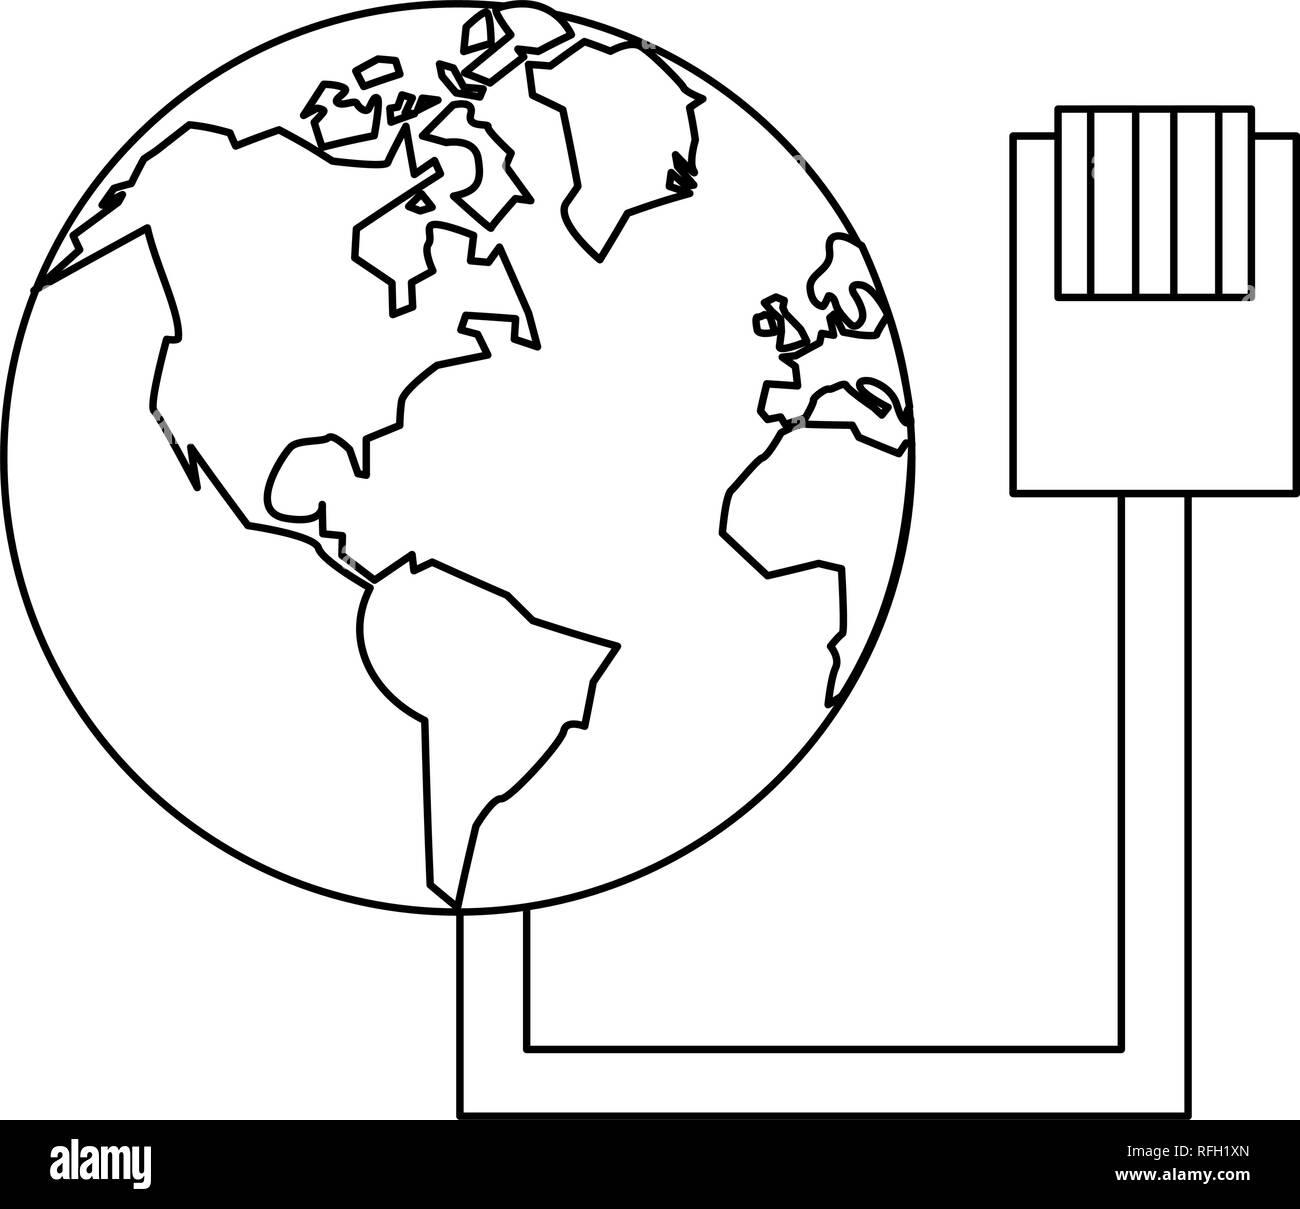 rj25 diagram fuse box wiring diagram Plug Wiring Diagram rj45 to rj11 diagram wiring diagram databaseusb to rj45 cable wiring diagram schematic diagram rj 25